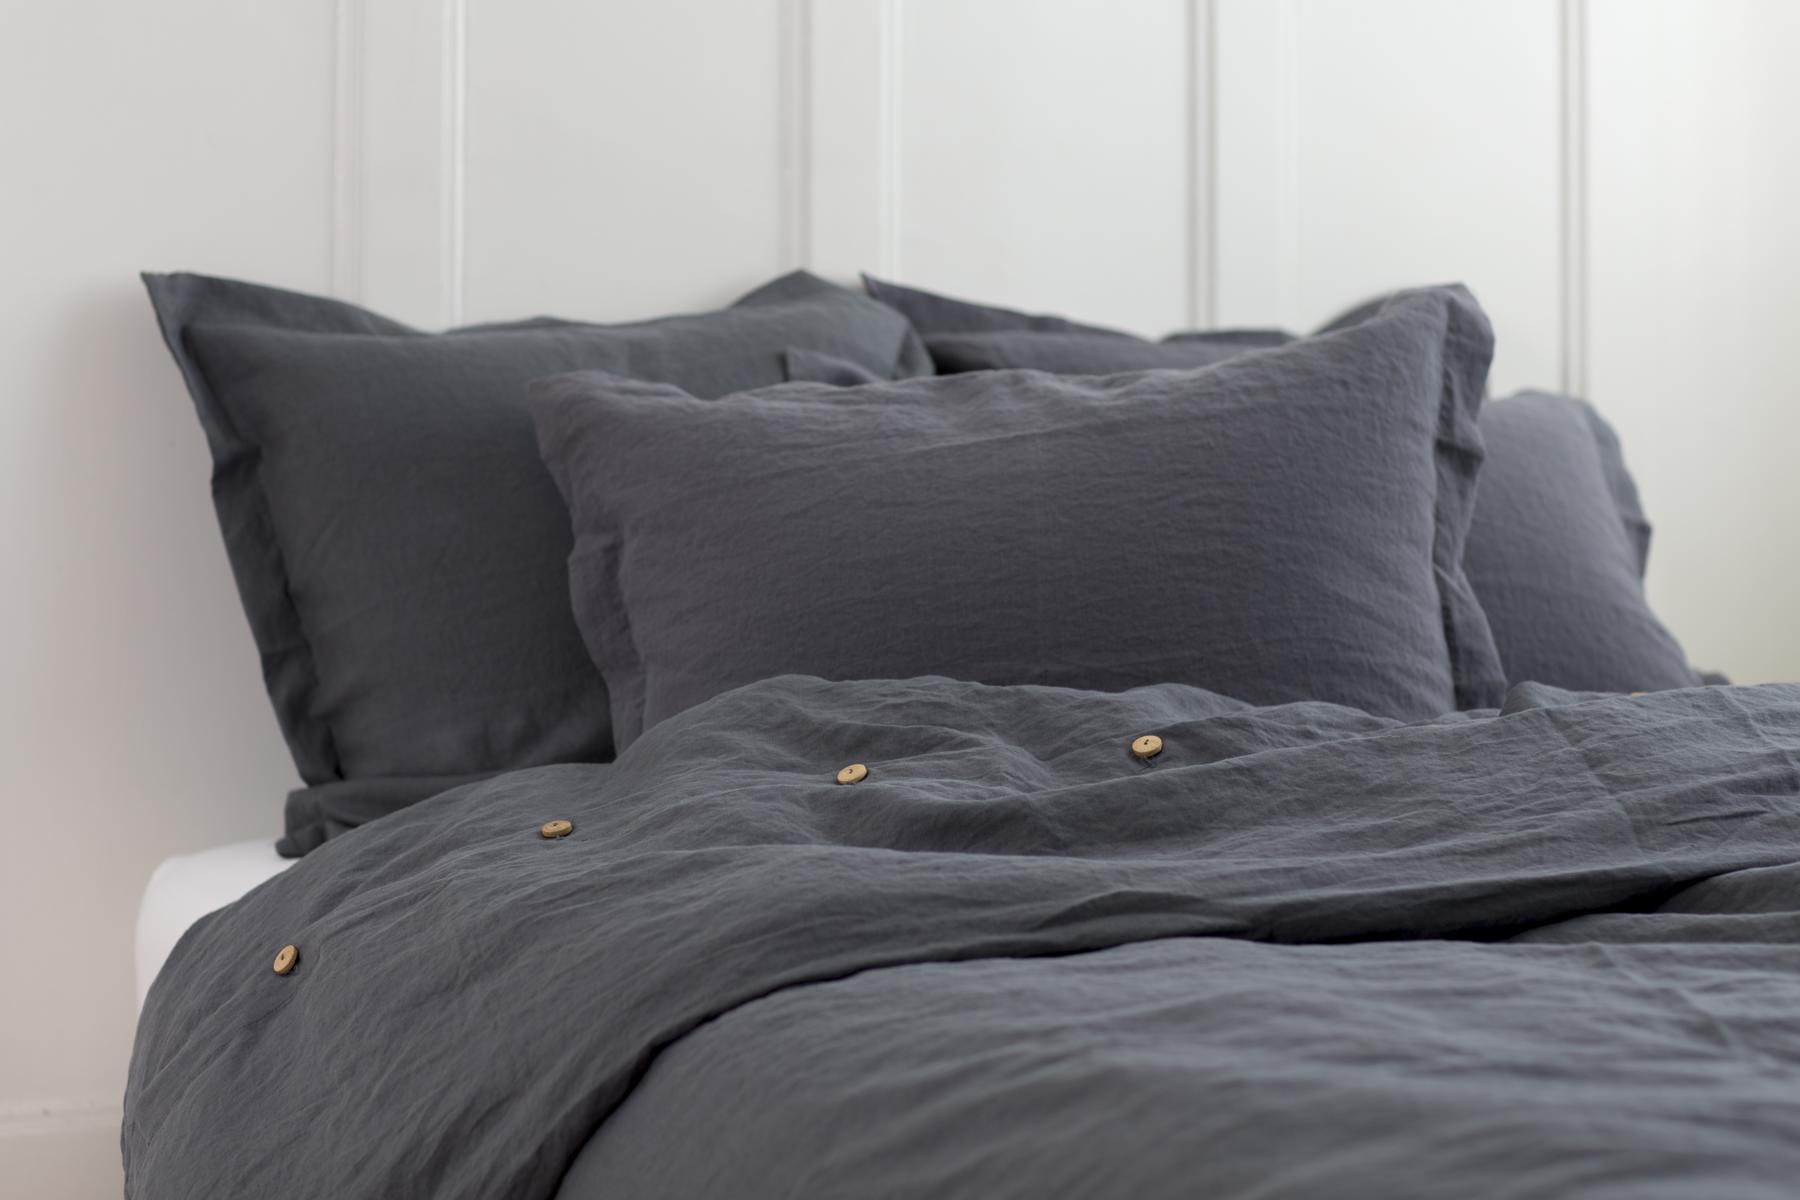 kopfkissenbezug leinen von geismars in drei klassischen farben. Black Bedroom Furniture Sets. Home Design Ideas